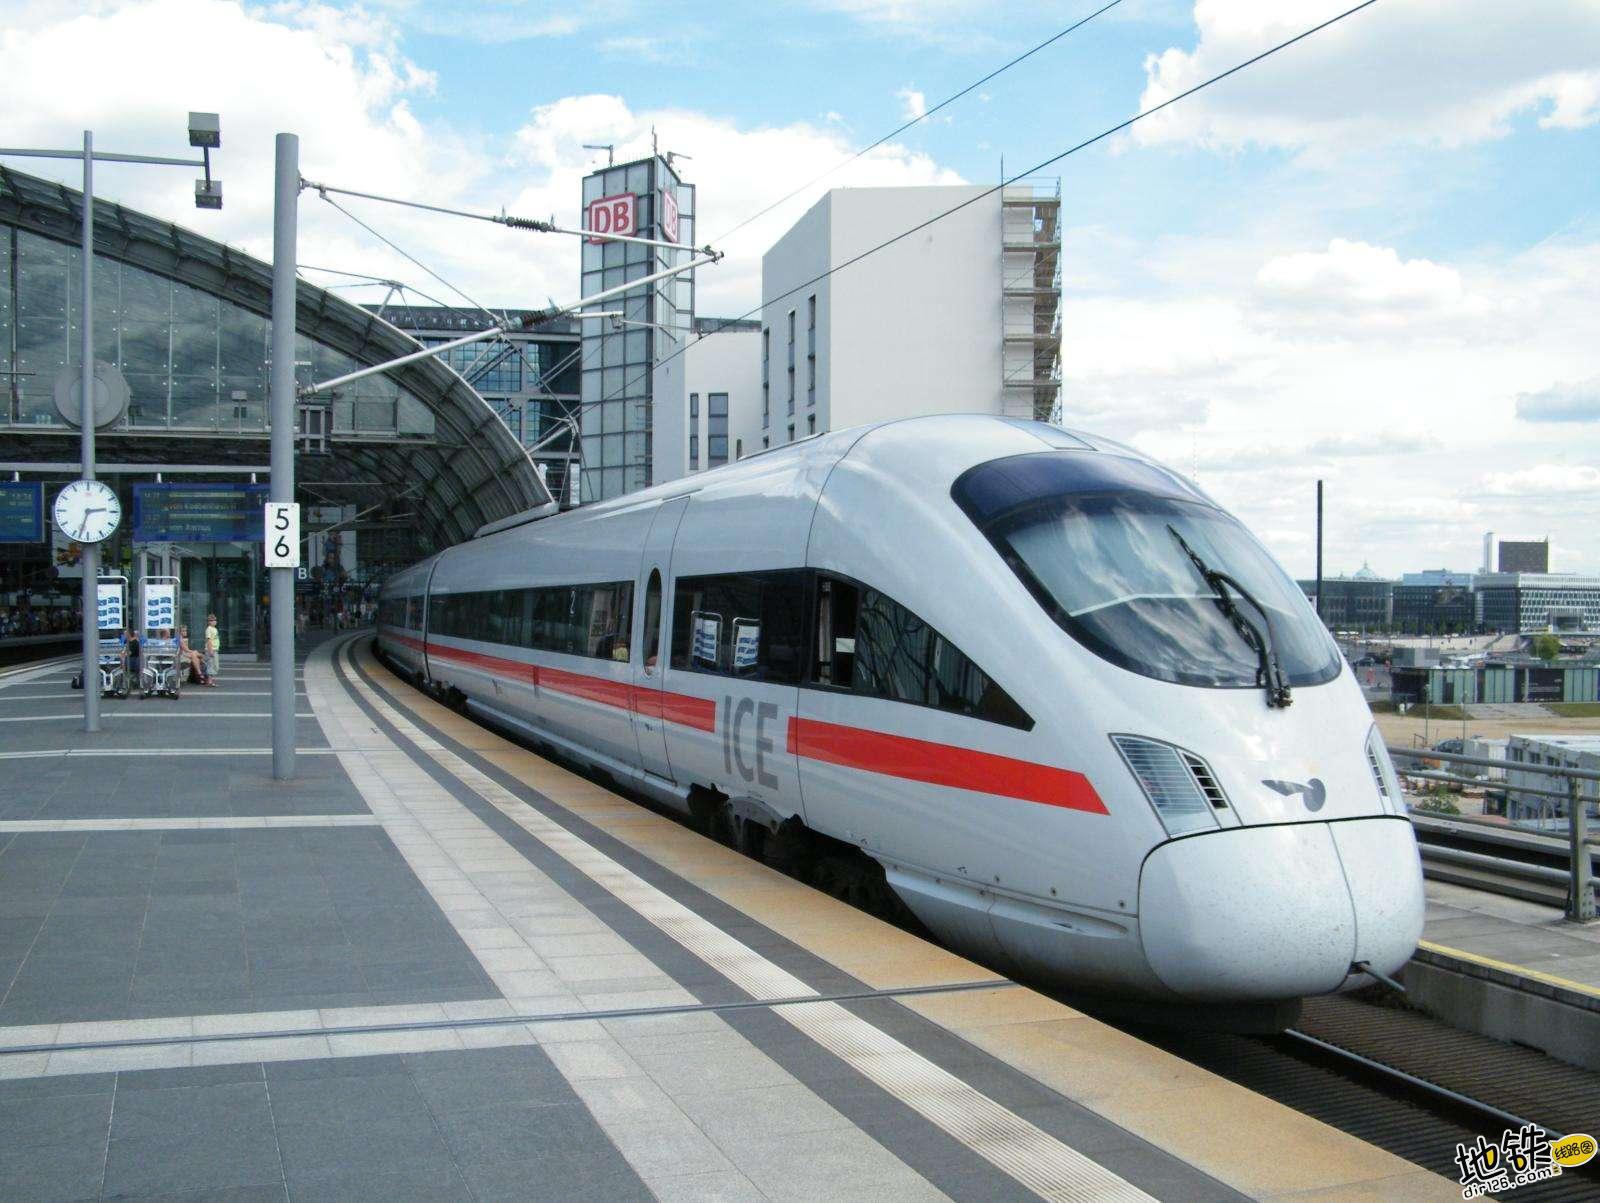 德国ICE高铁上月曾遭遇未遂恐袭 交通 恐怖袭击 ICE 高铁 德国 轨道动态  第1张